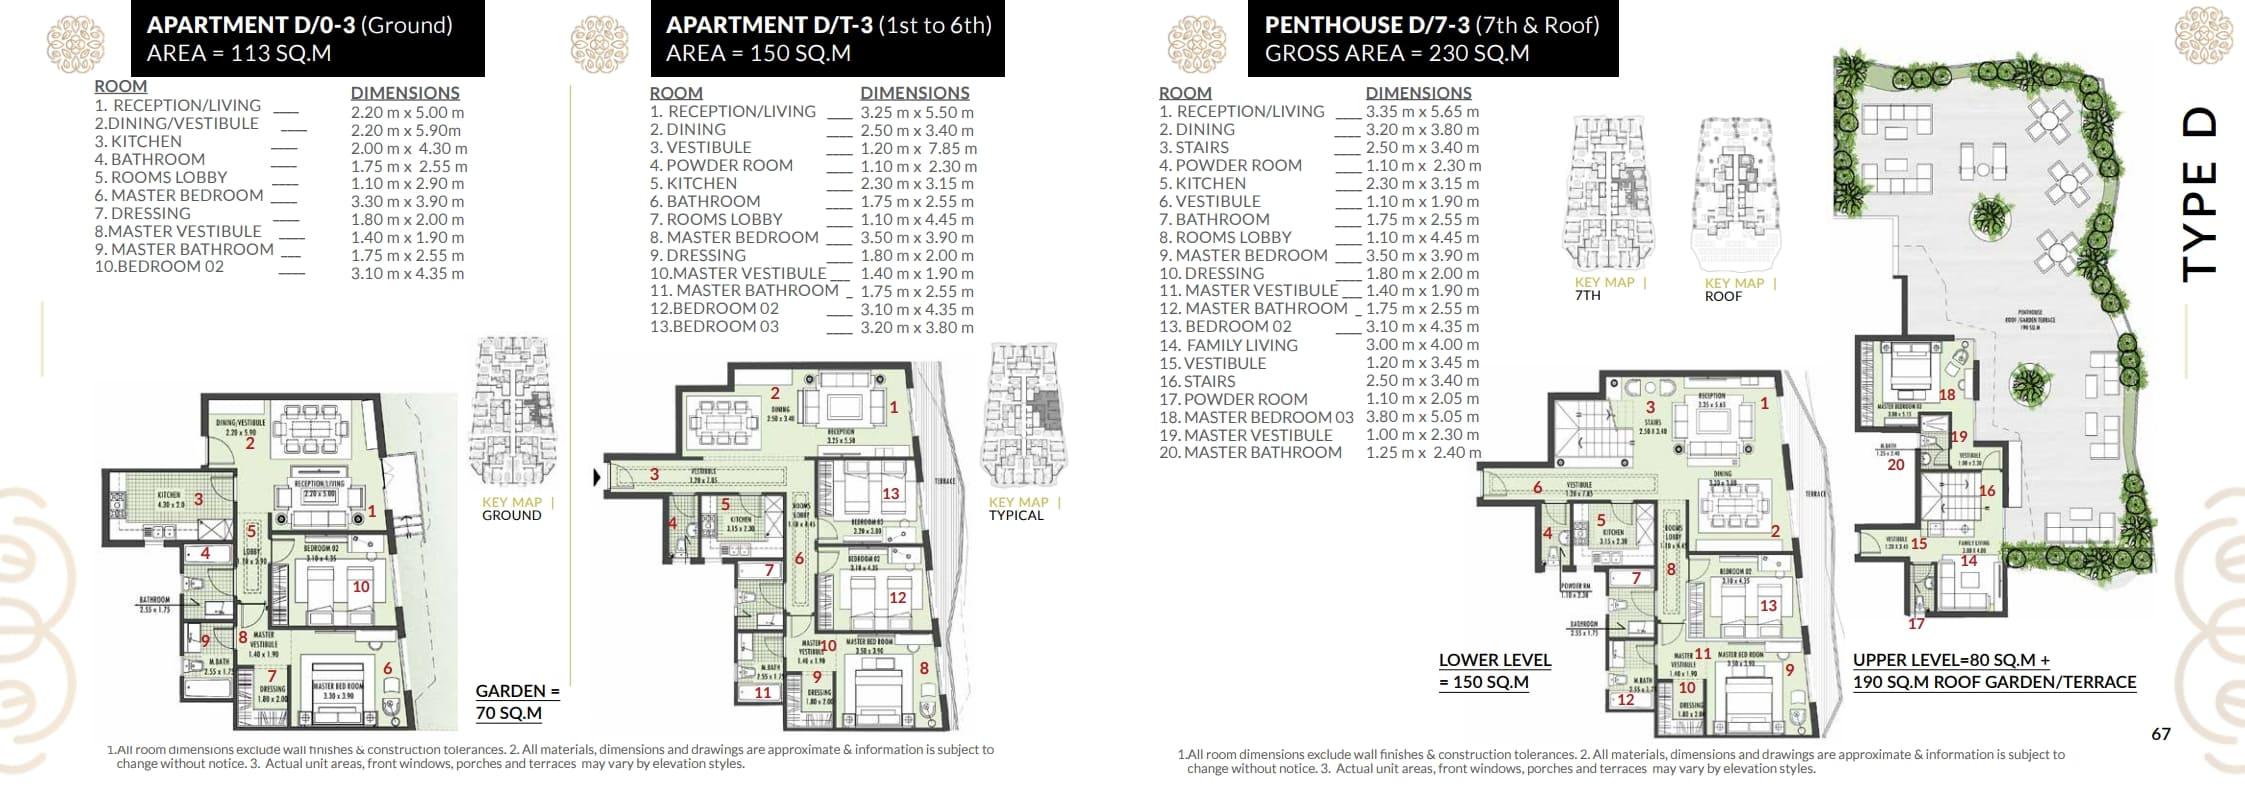 شقة113م للبيع بكمبوند روزس العاصمة الاداريه باقساط تصل ل9سنوات